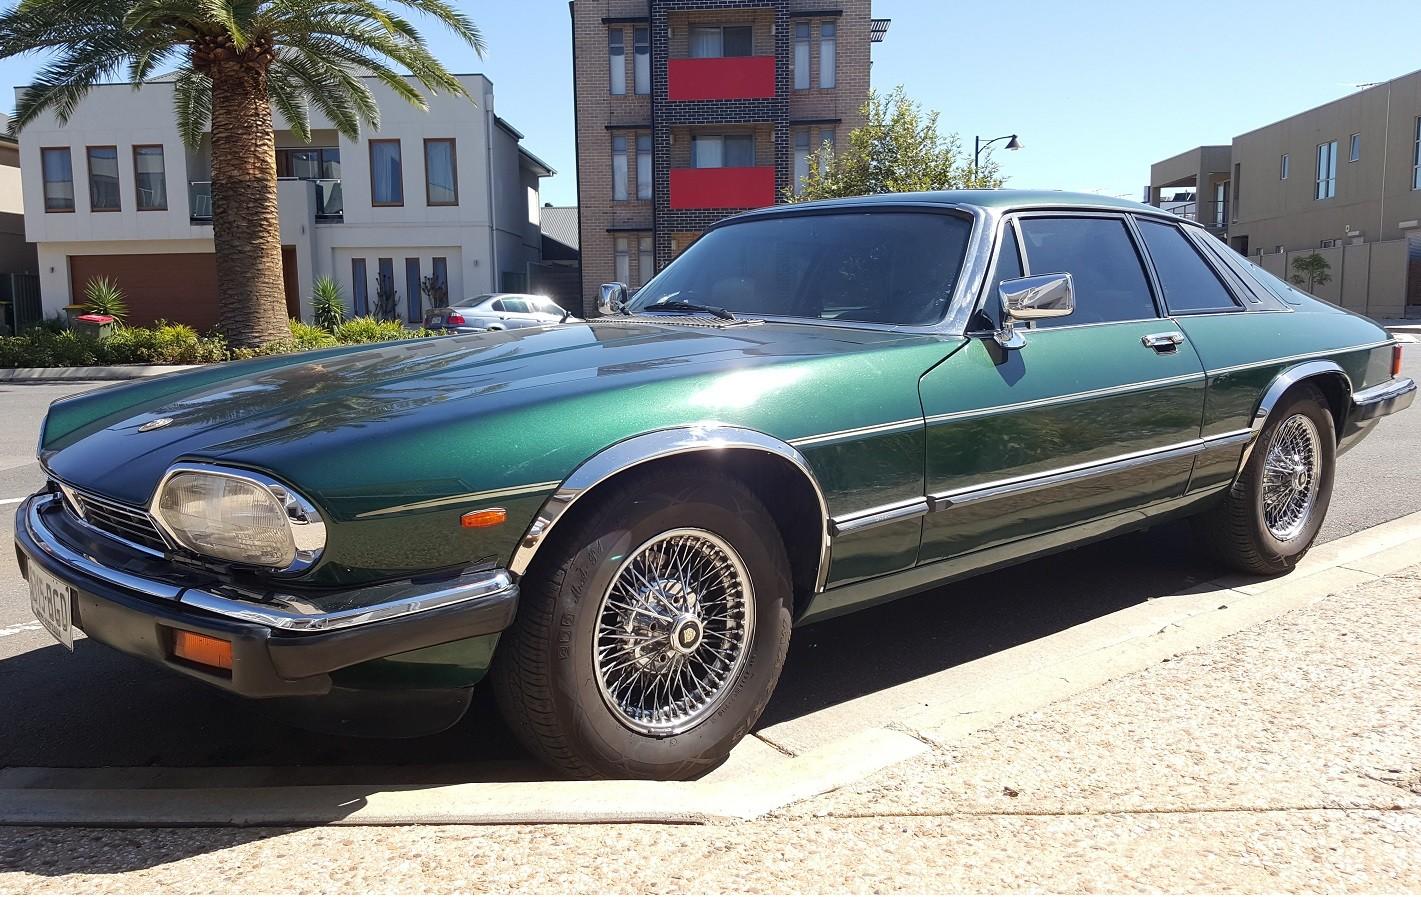 1987 Jaguar XJS H.E. - DSPRADO - Shannons Club